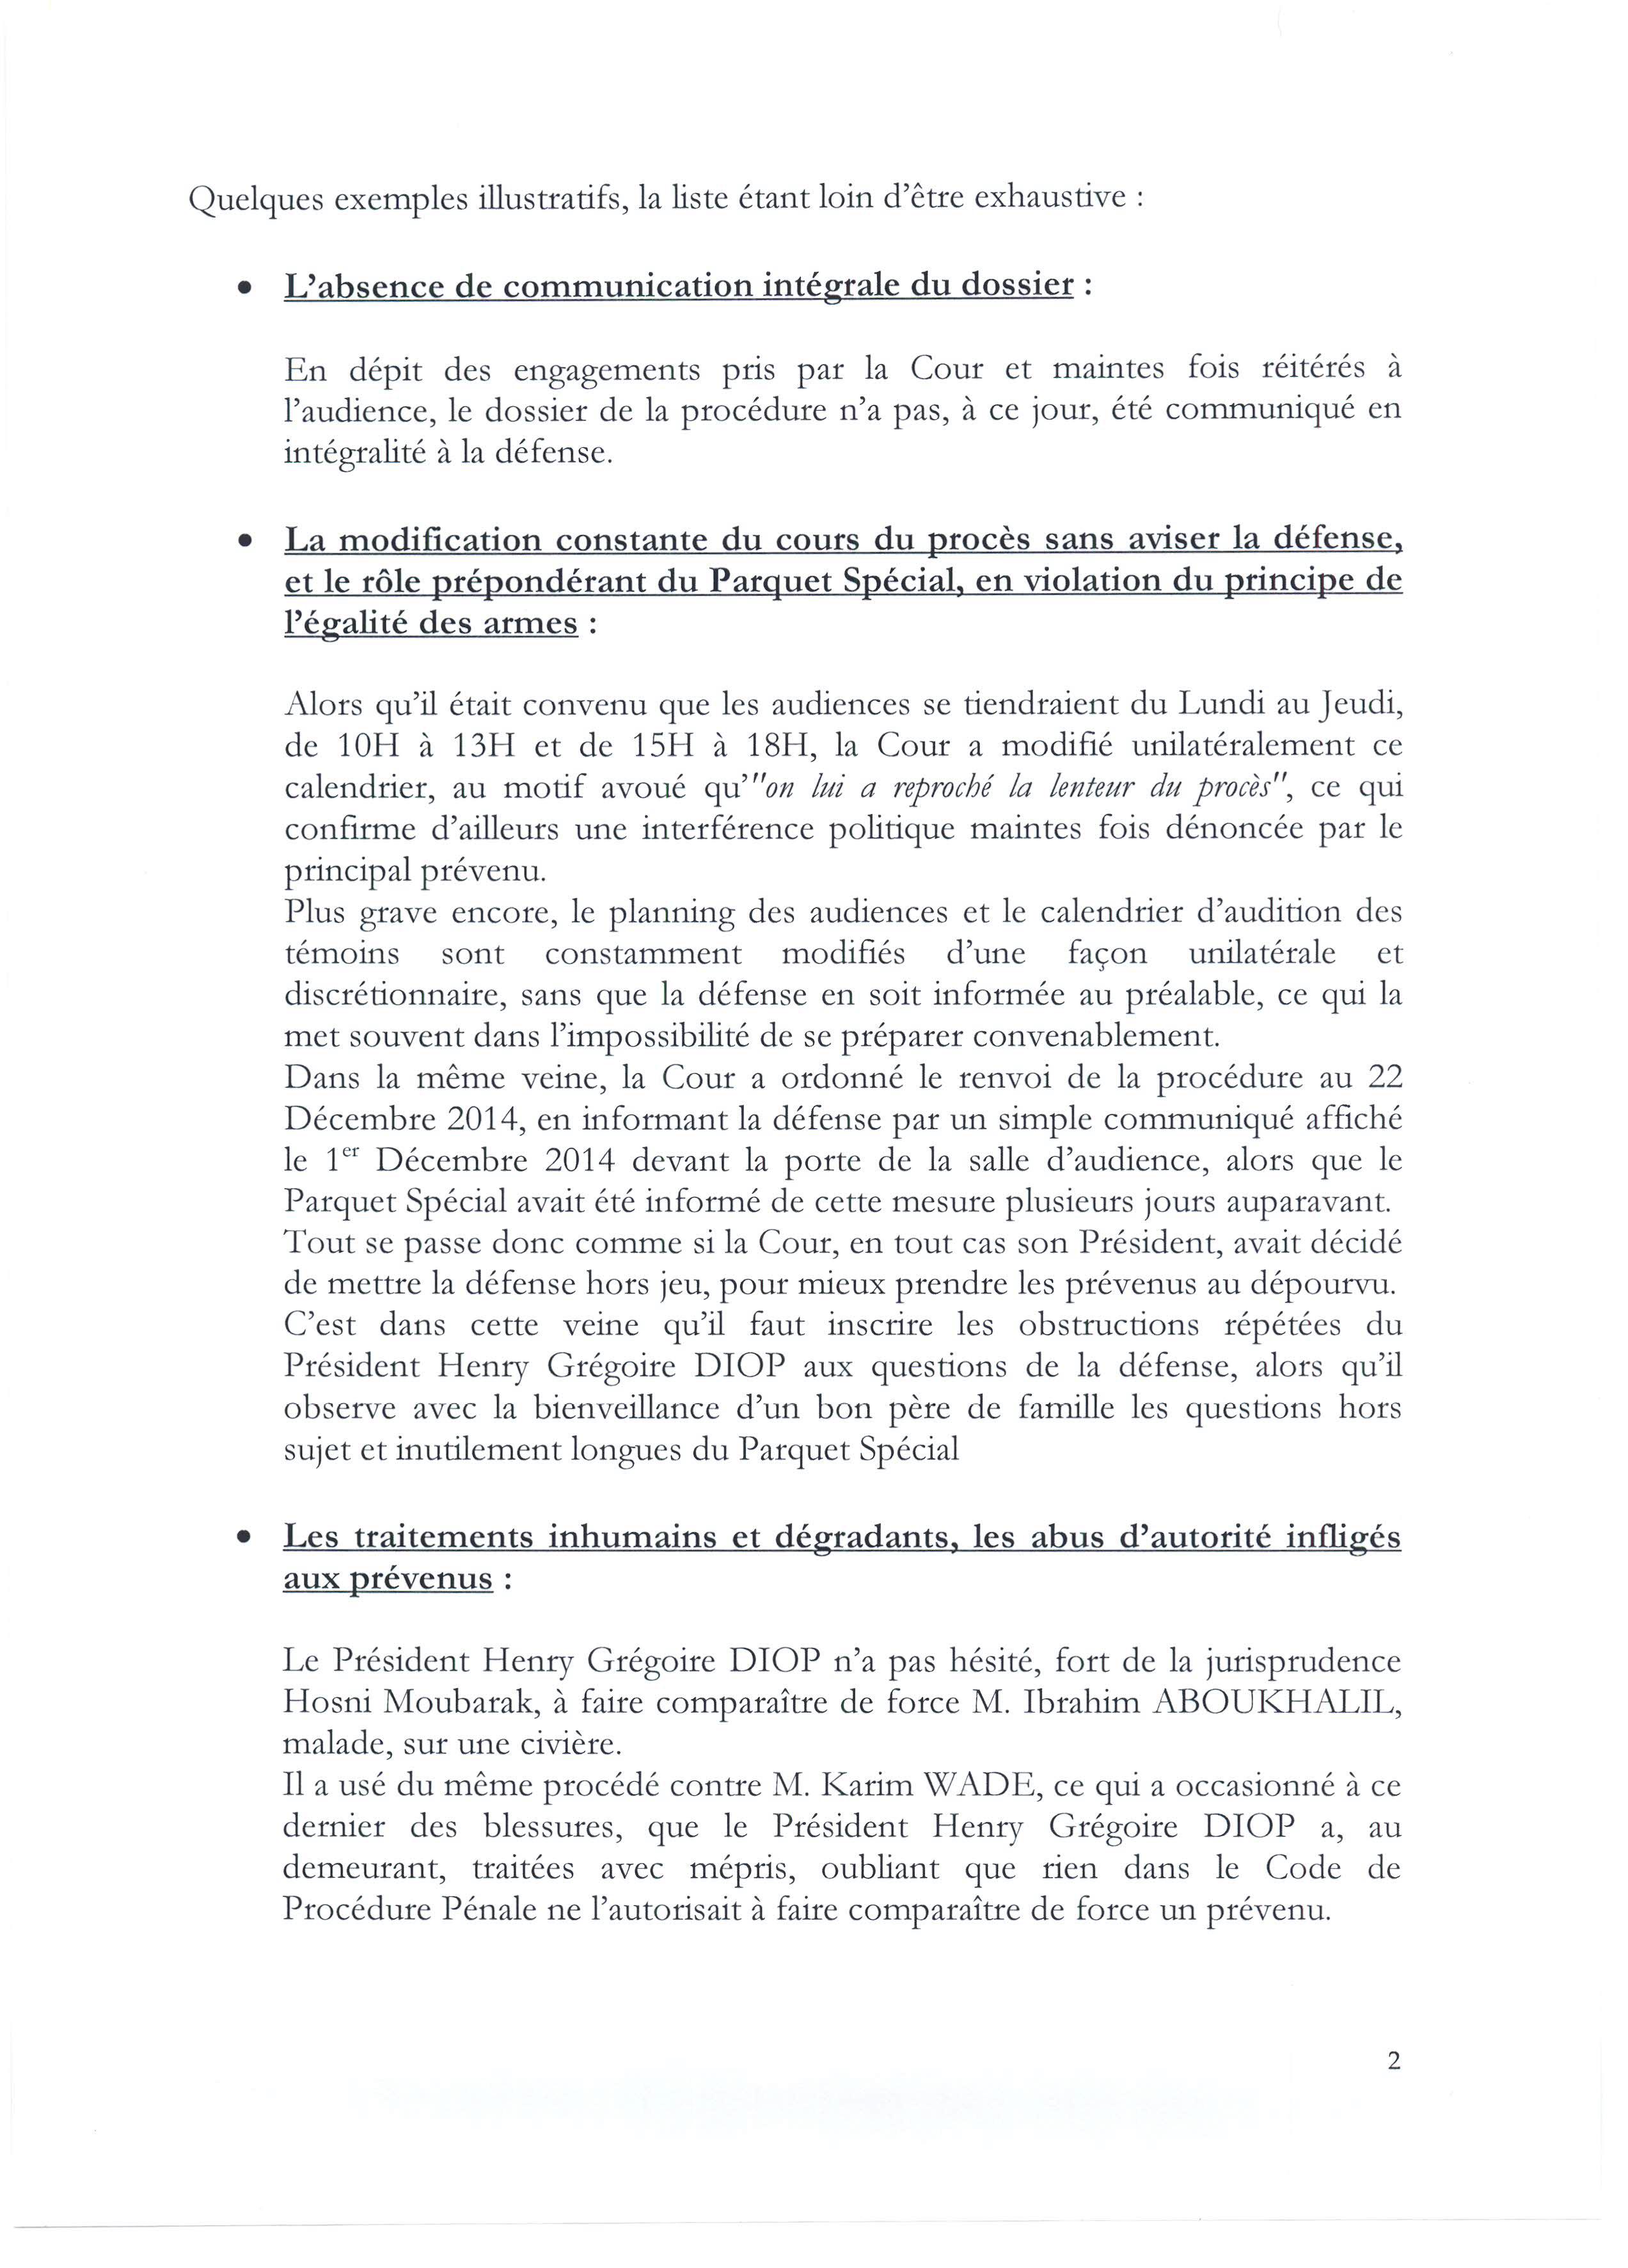 PUBLIREPORTAGE - Communiqué des avocats de Karim Wade